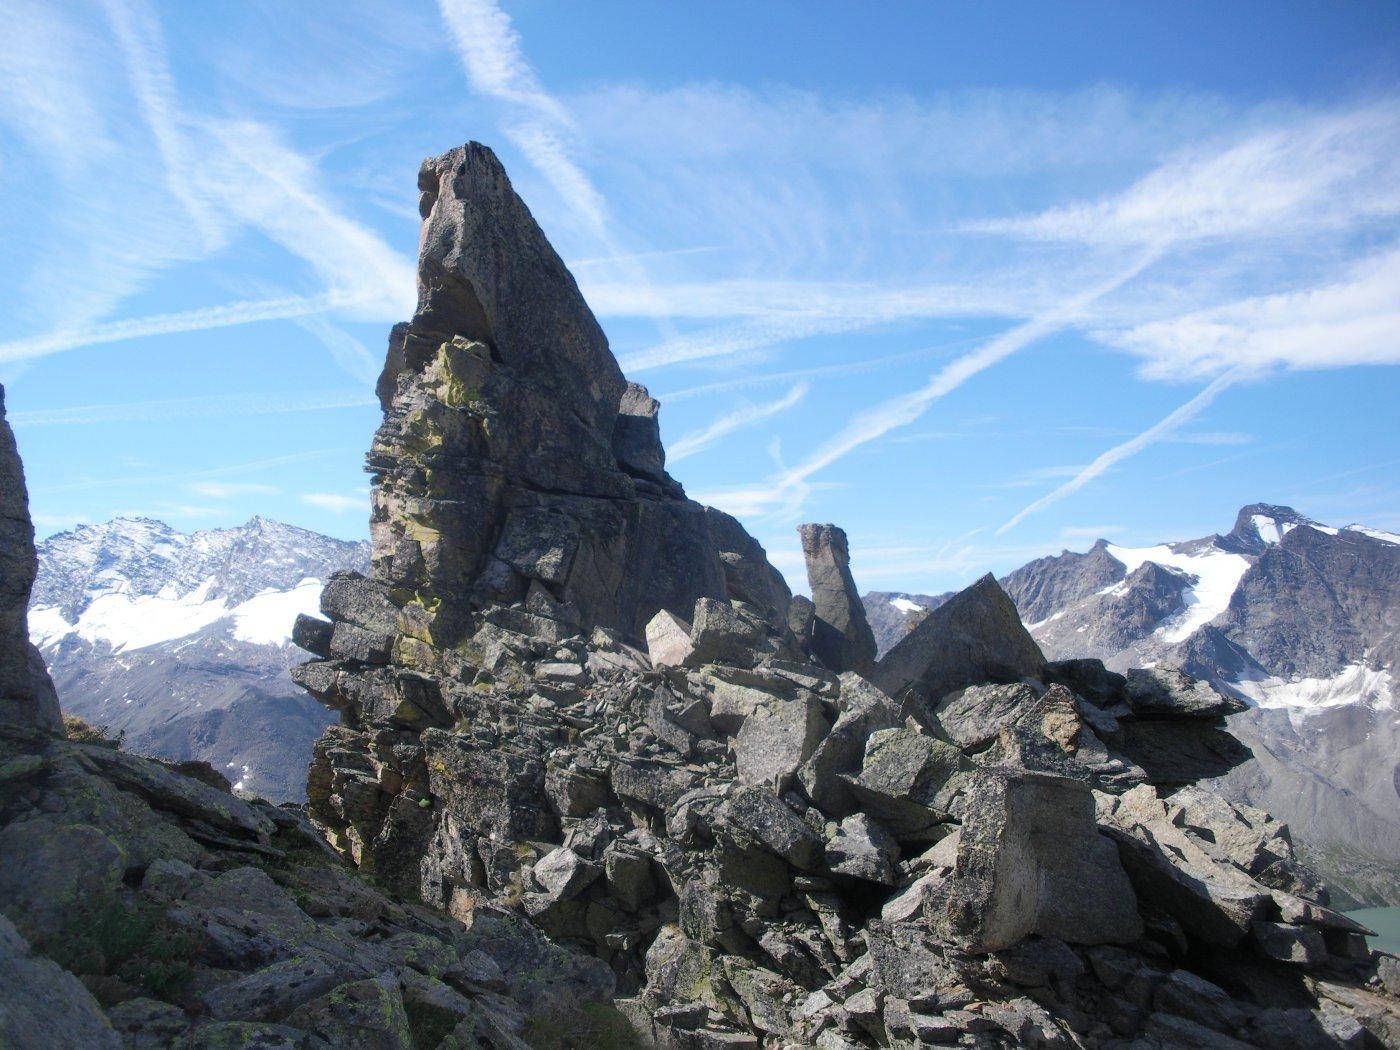 avanzando in cresta..la T. di Garibaldi di qui' solo piu' un esiguo torrioncino al centro della foto..